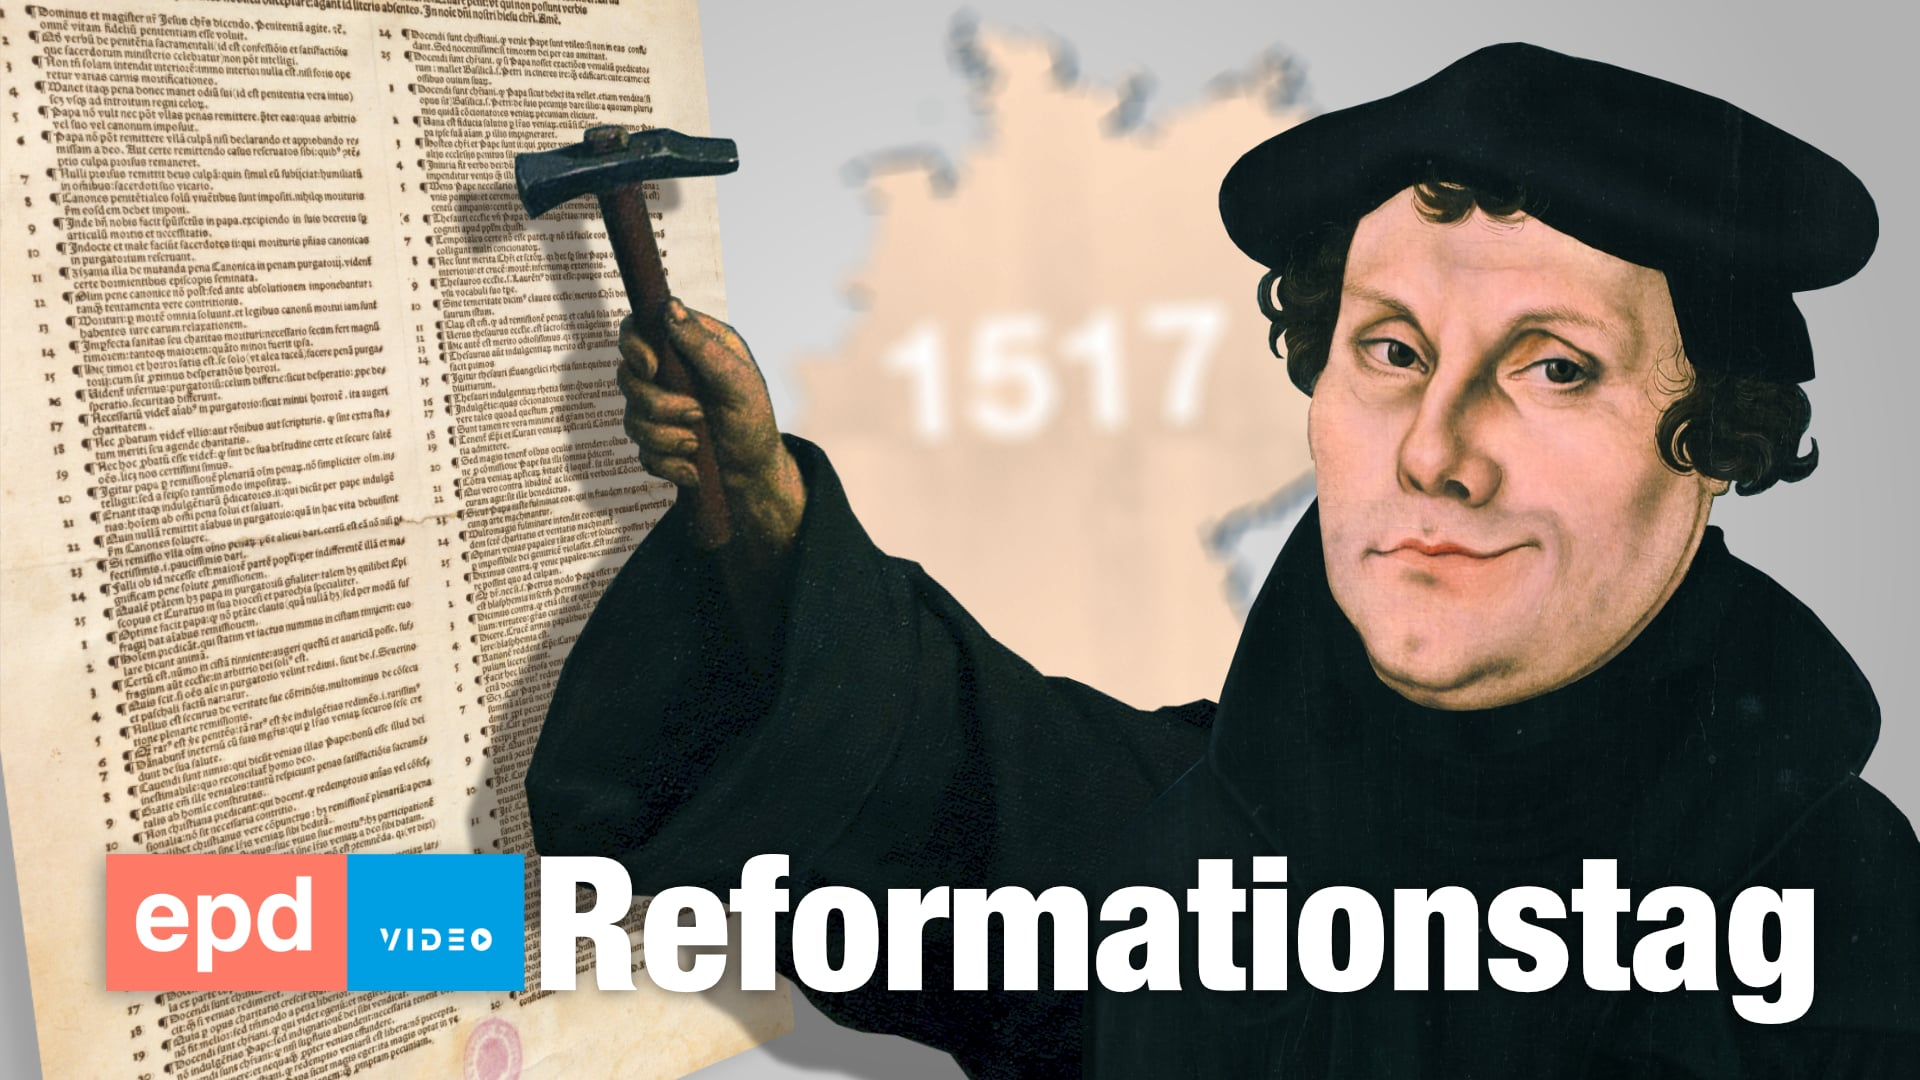 Reformationstag Bundesweit